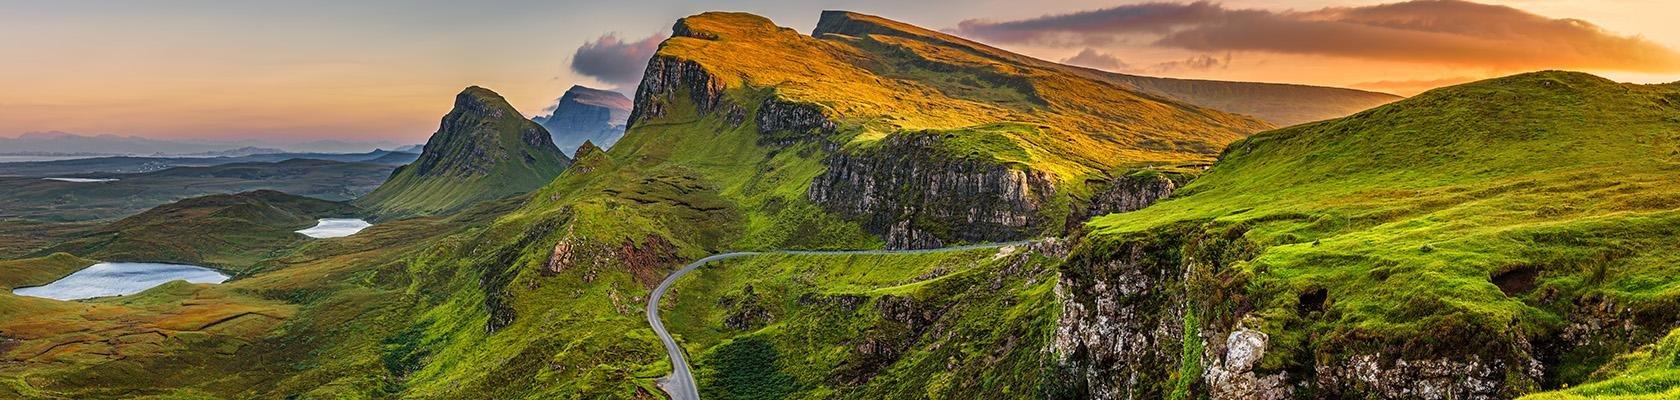 Autorondreizen Schotland